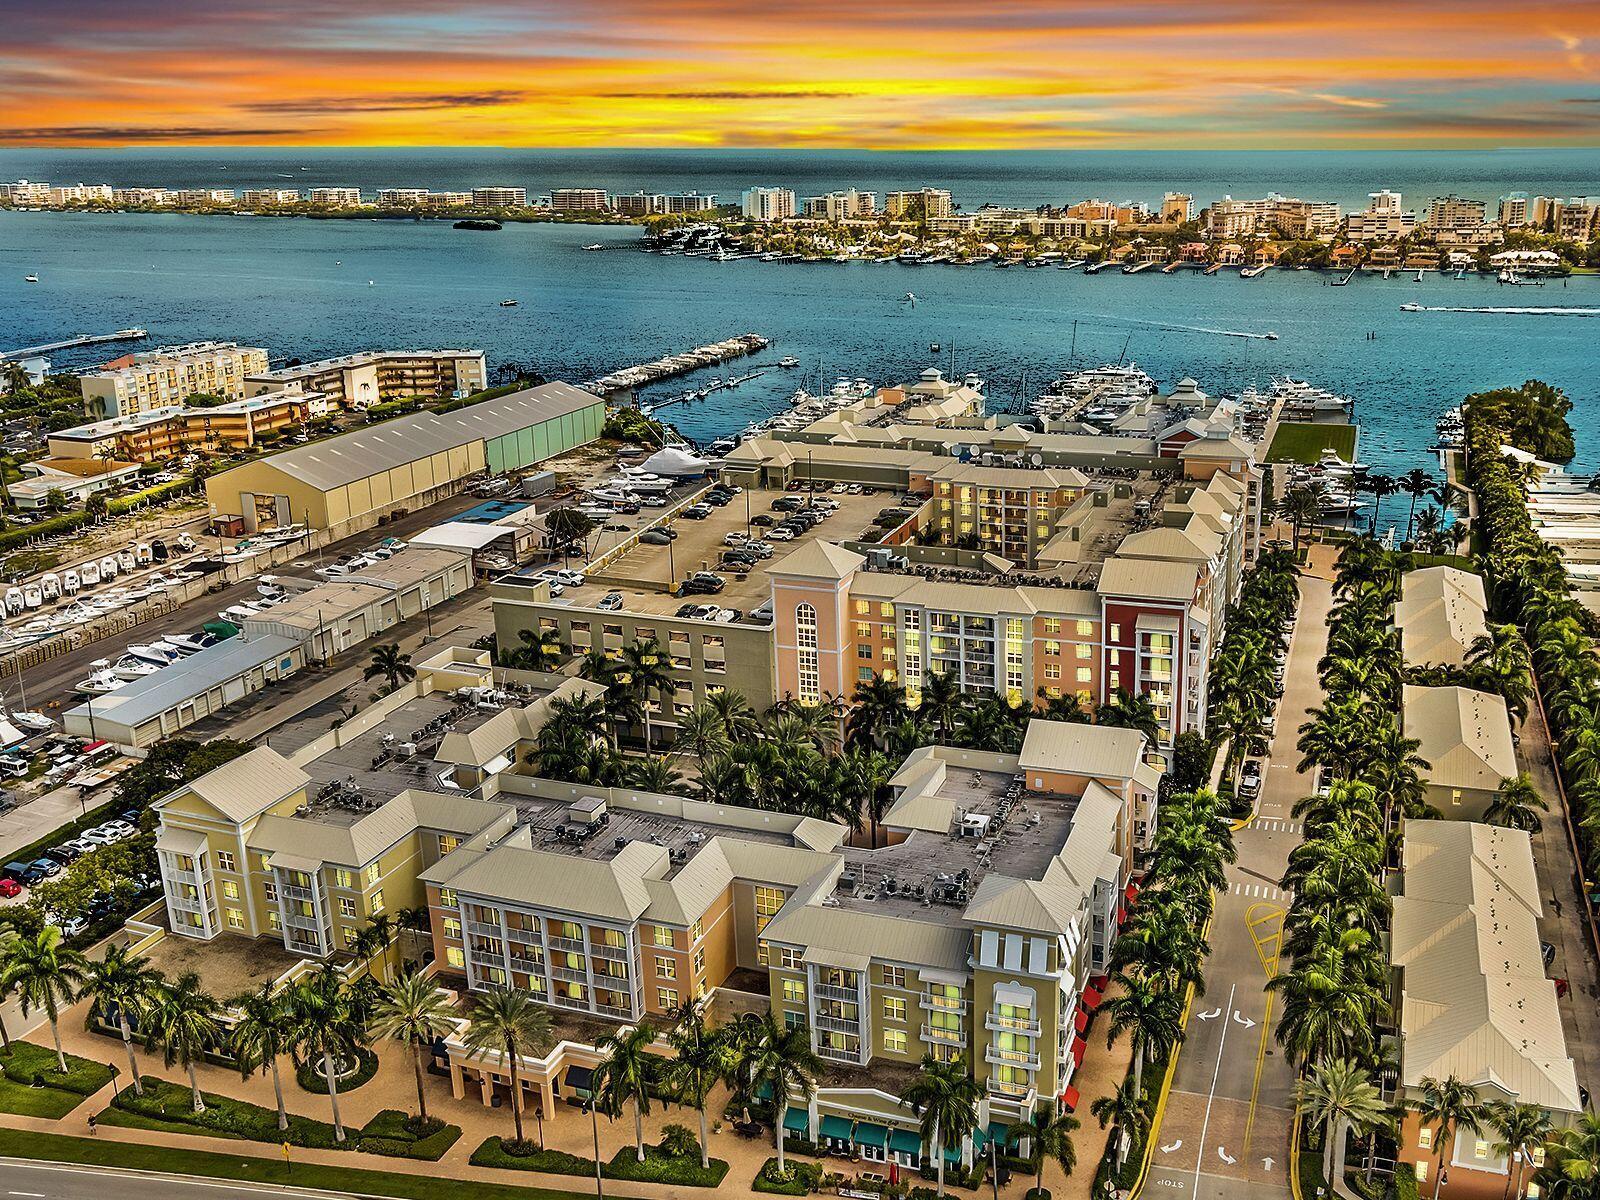 806 Windward Unit 423, Lantana, Florida 33462